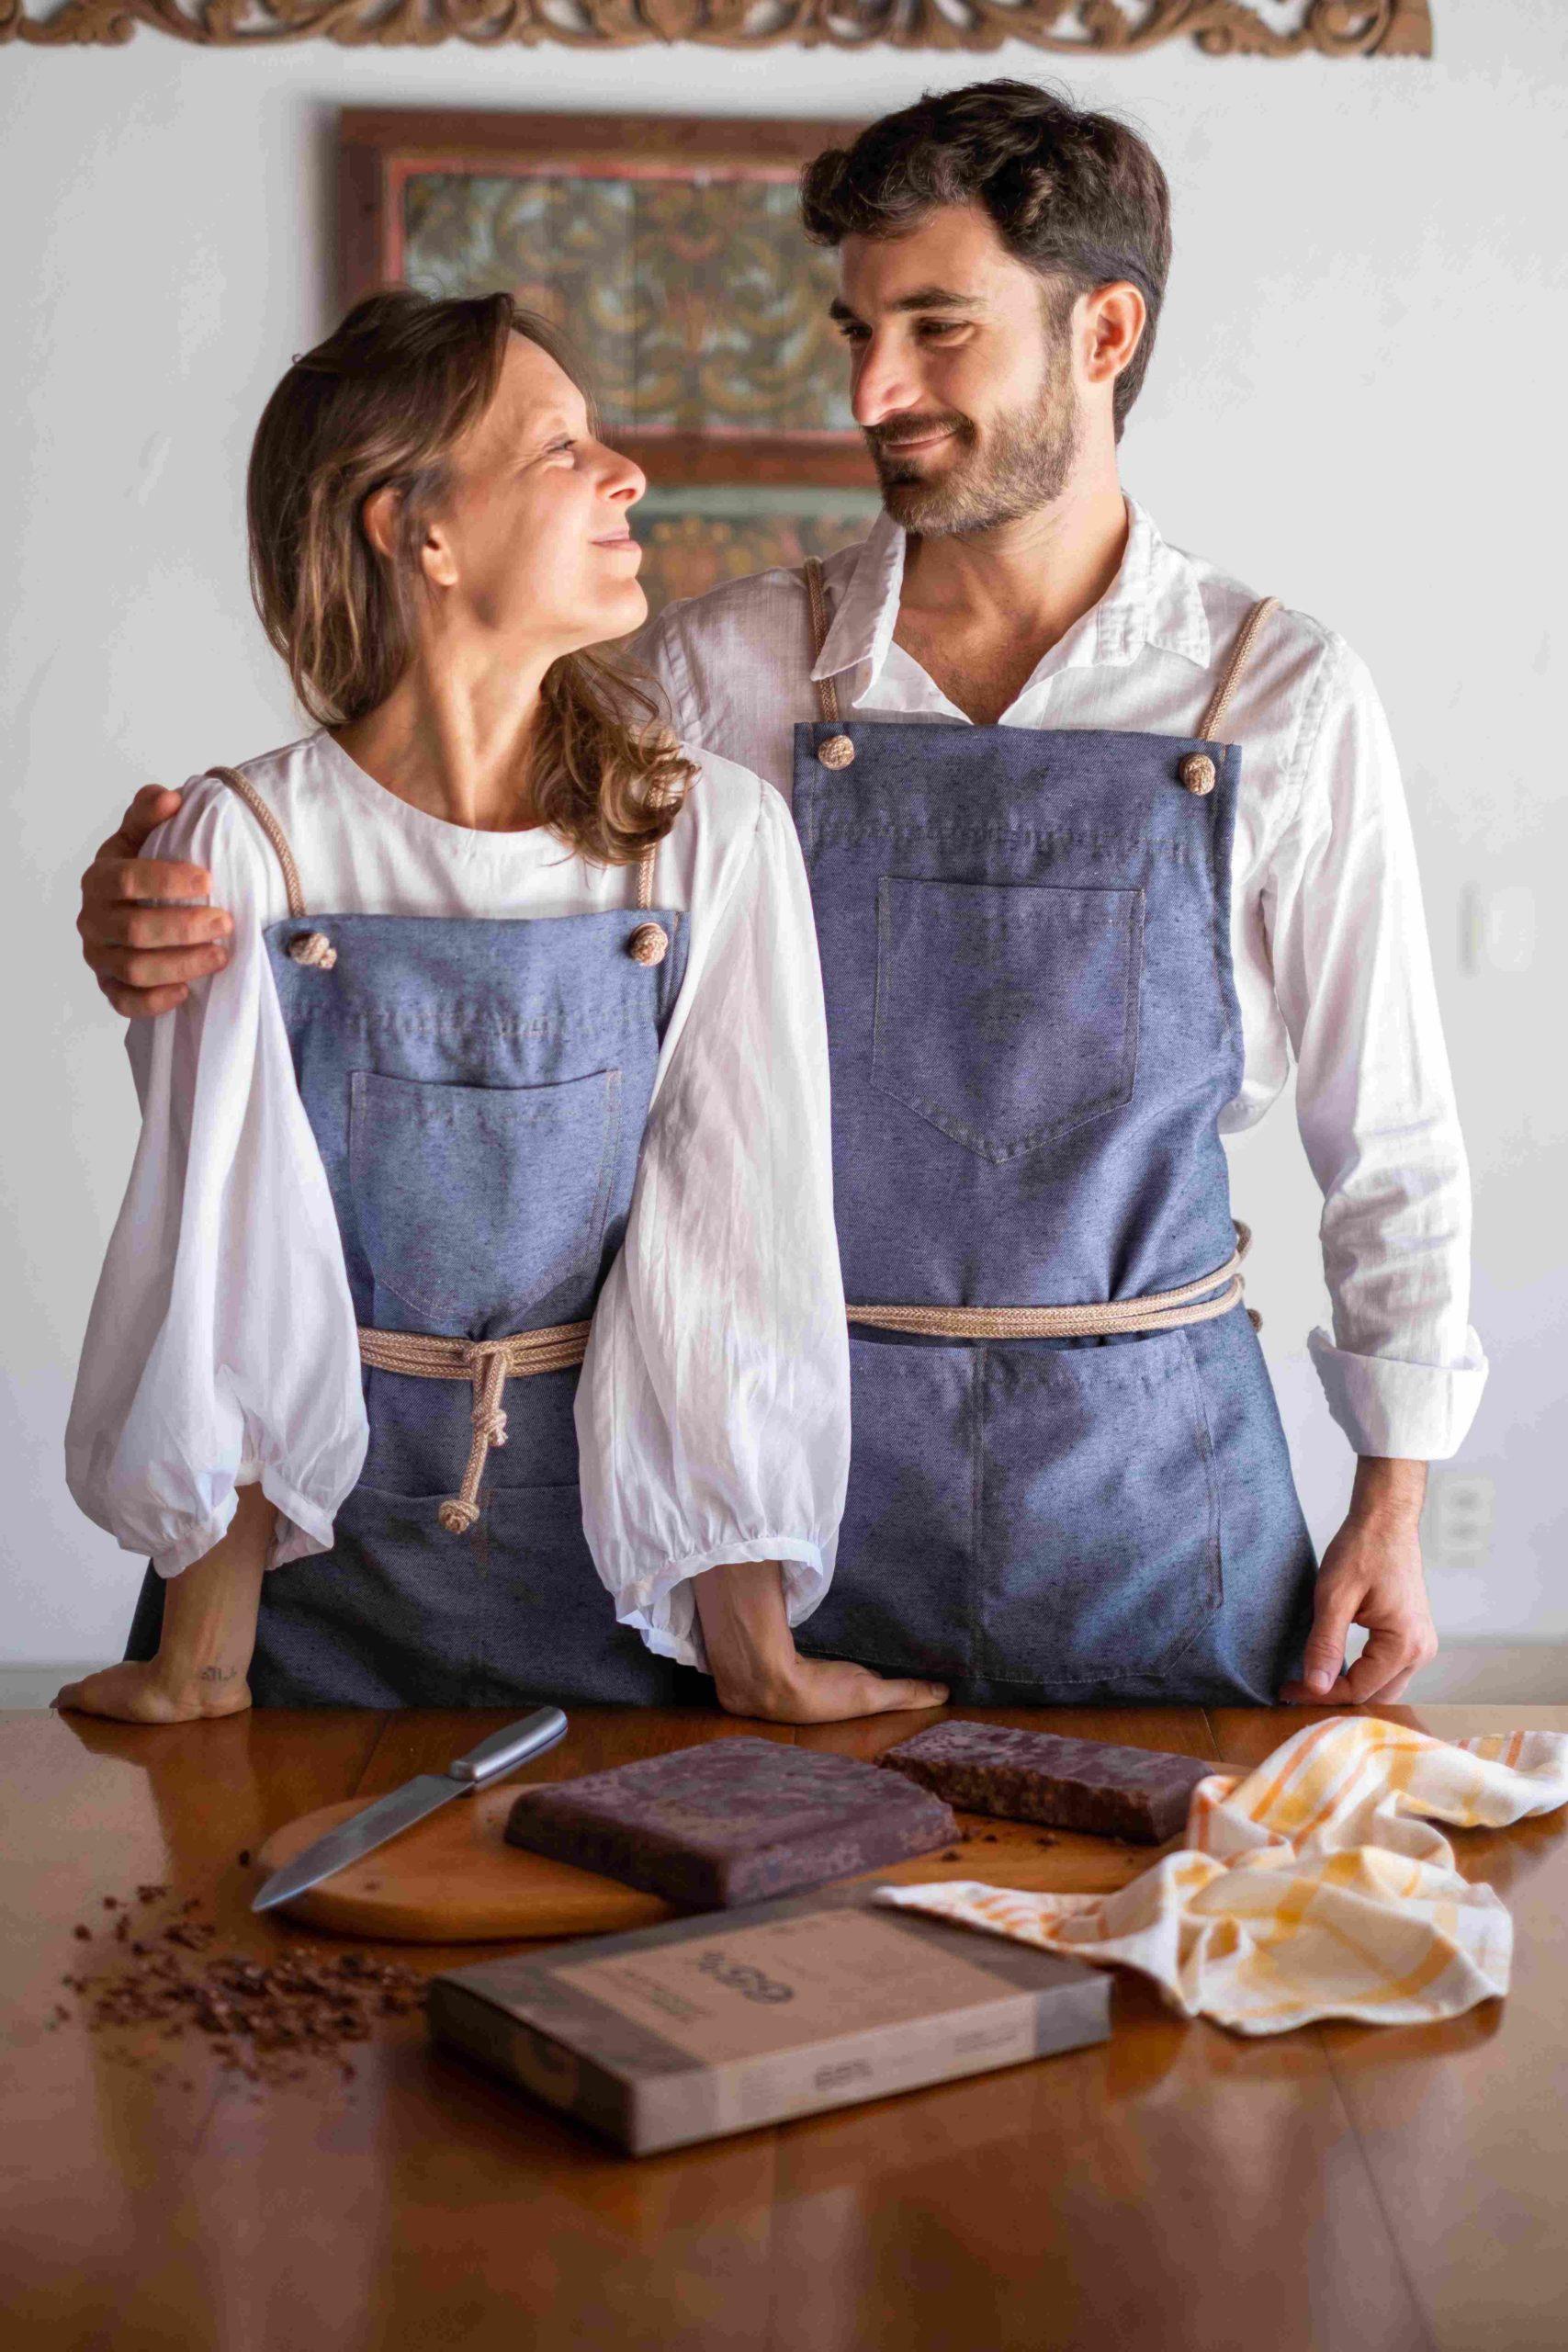 Casais que trabalham juntos contam como é compartilhar vida profissional e pessoal (Foto: Max Velon/ Divulgação)